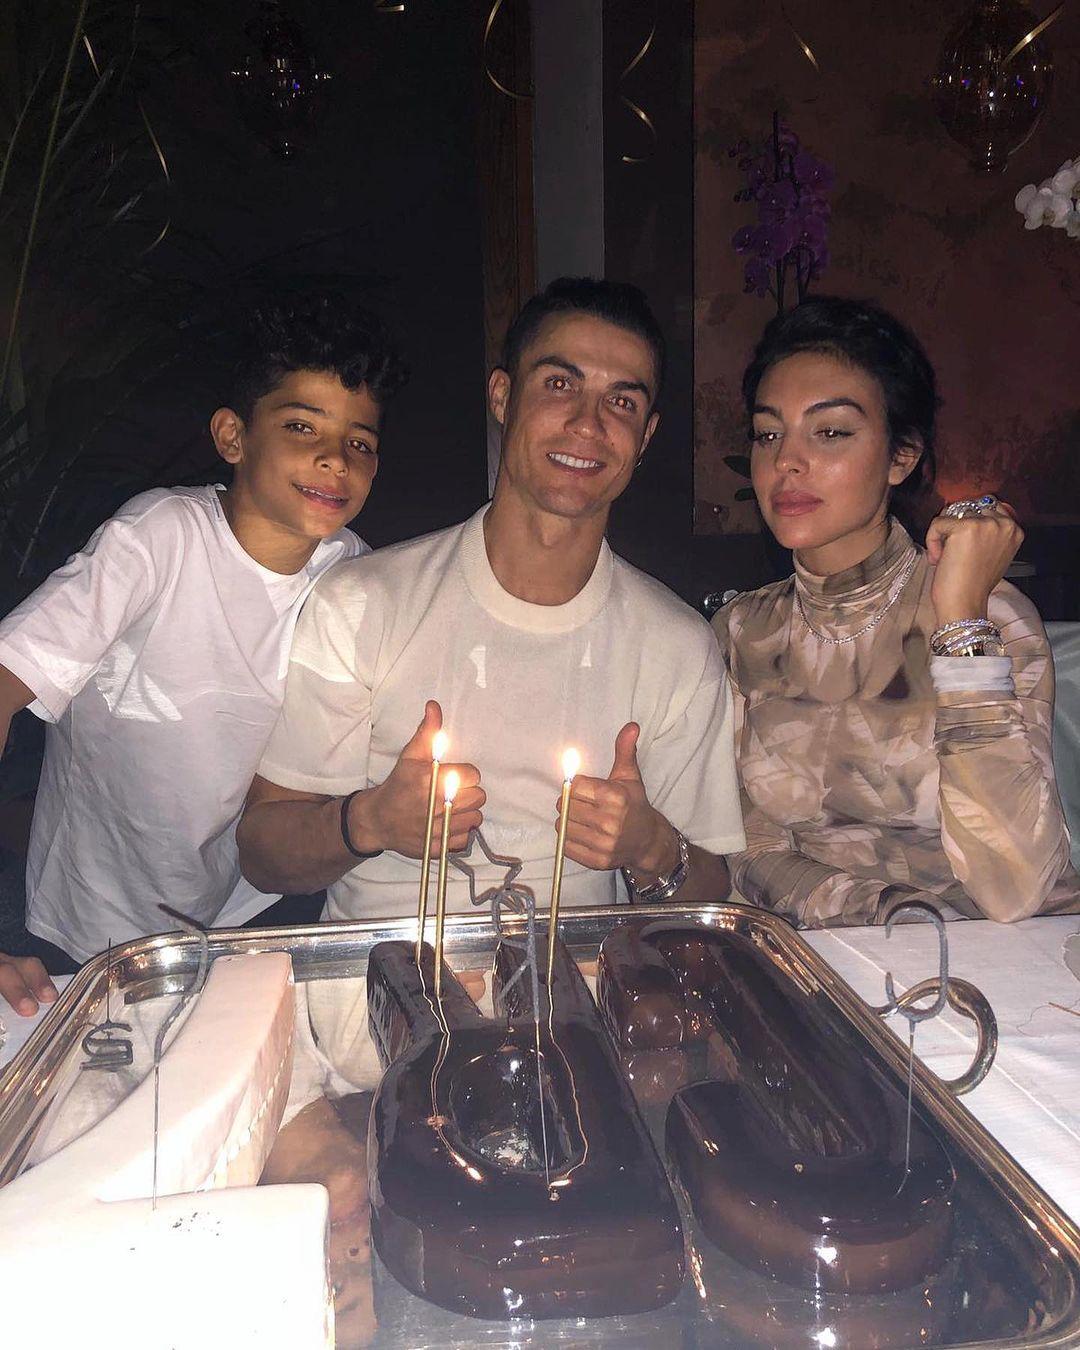 Роналду отмечает праздник в кругу семьи